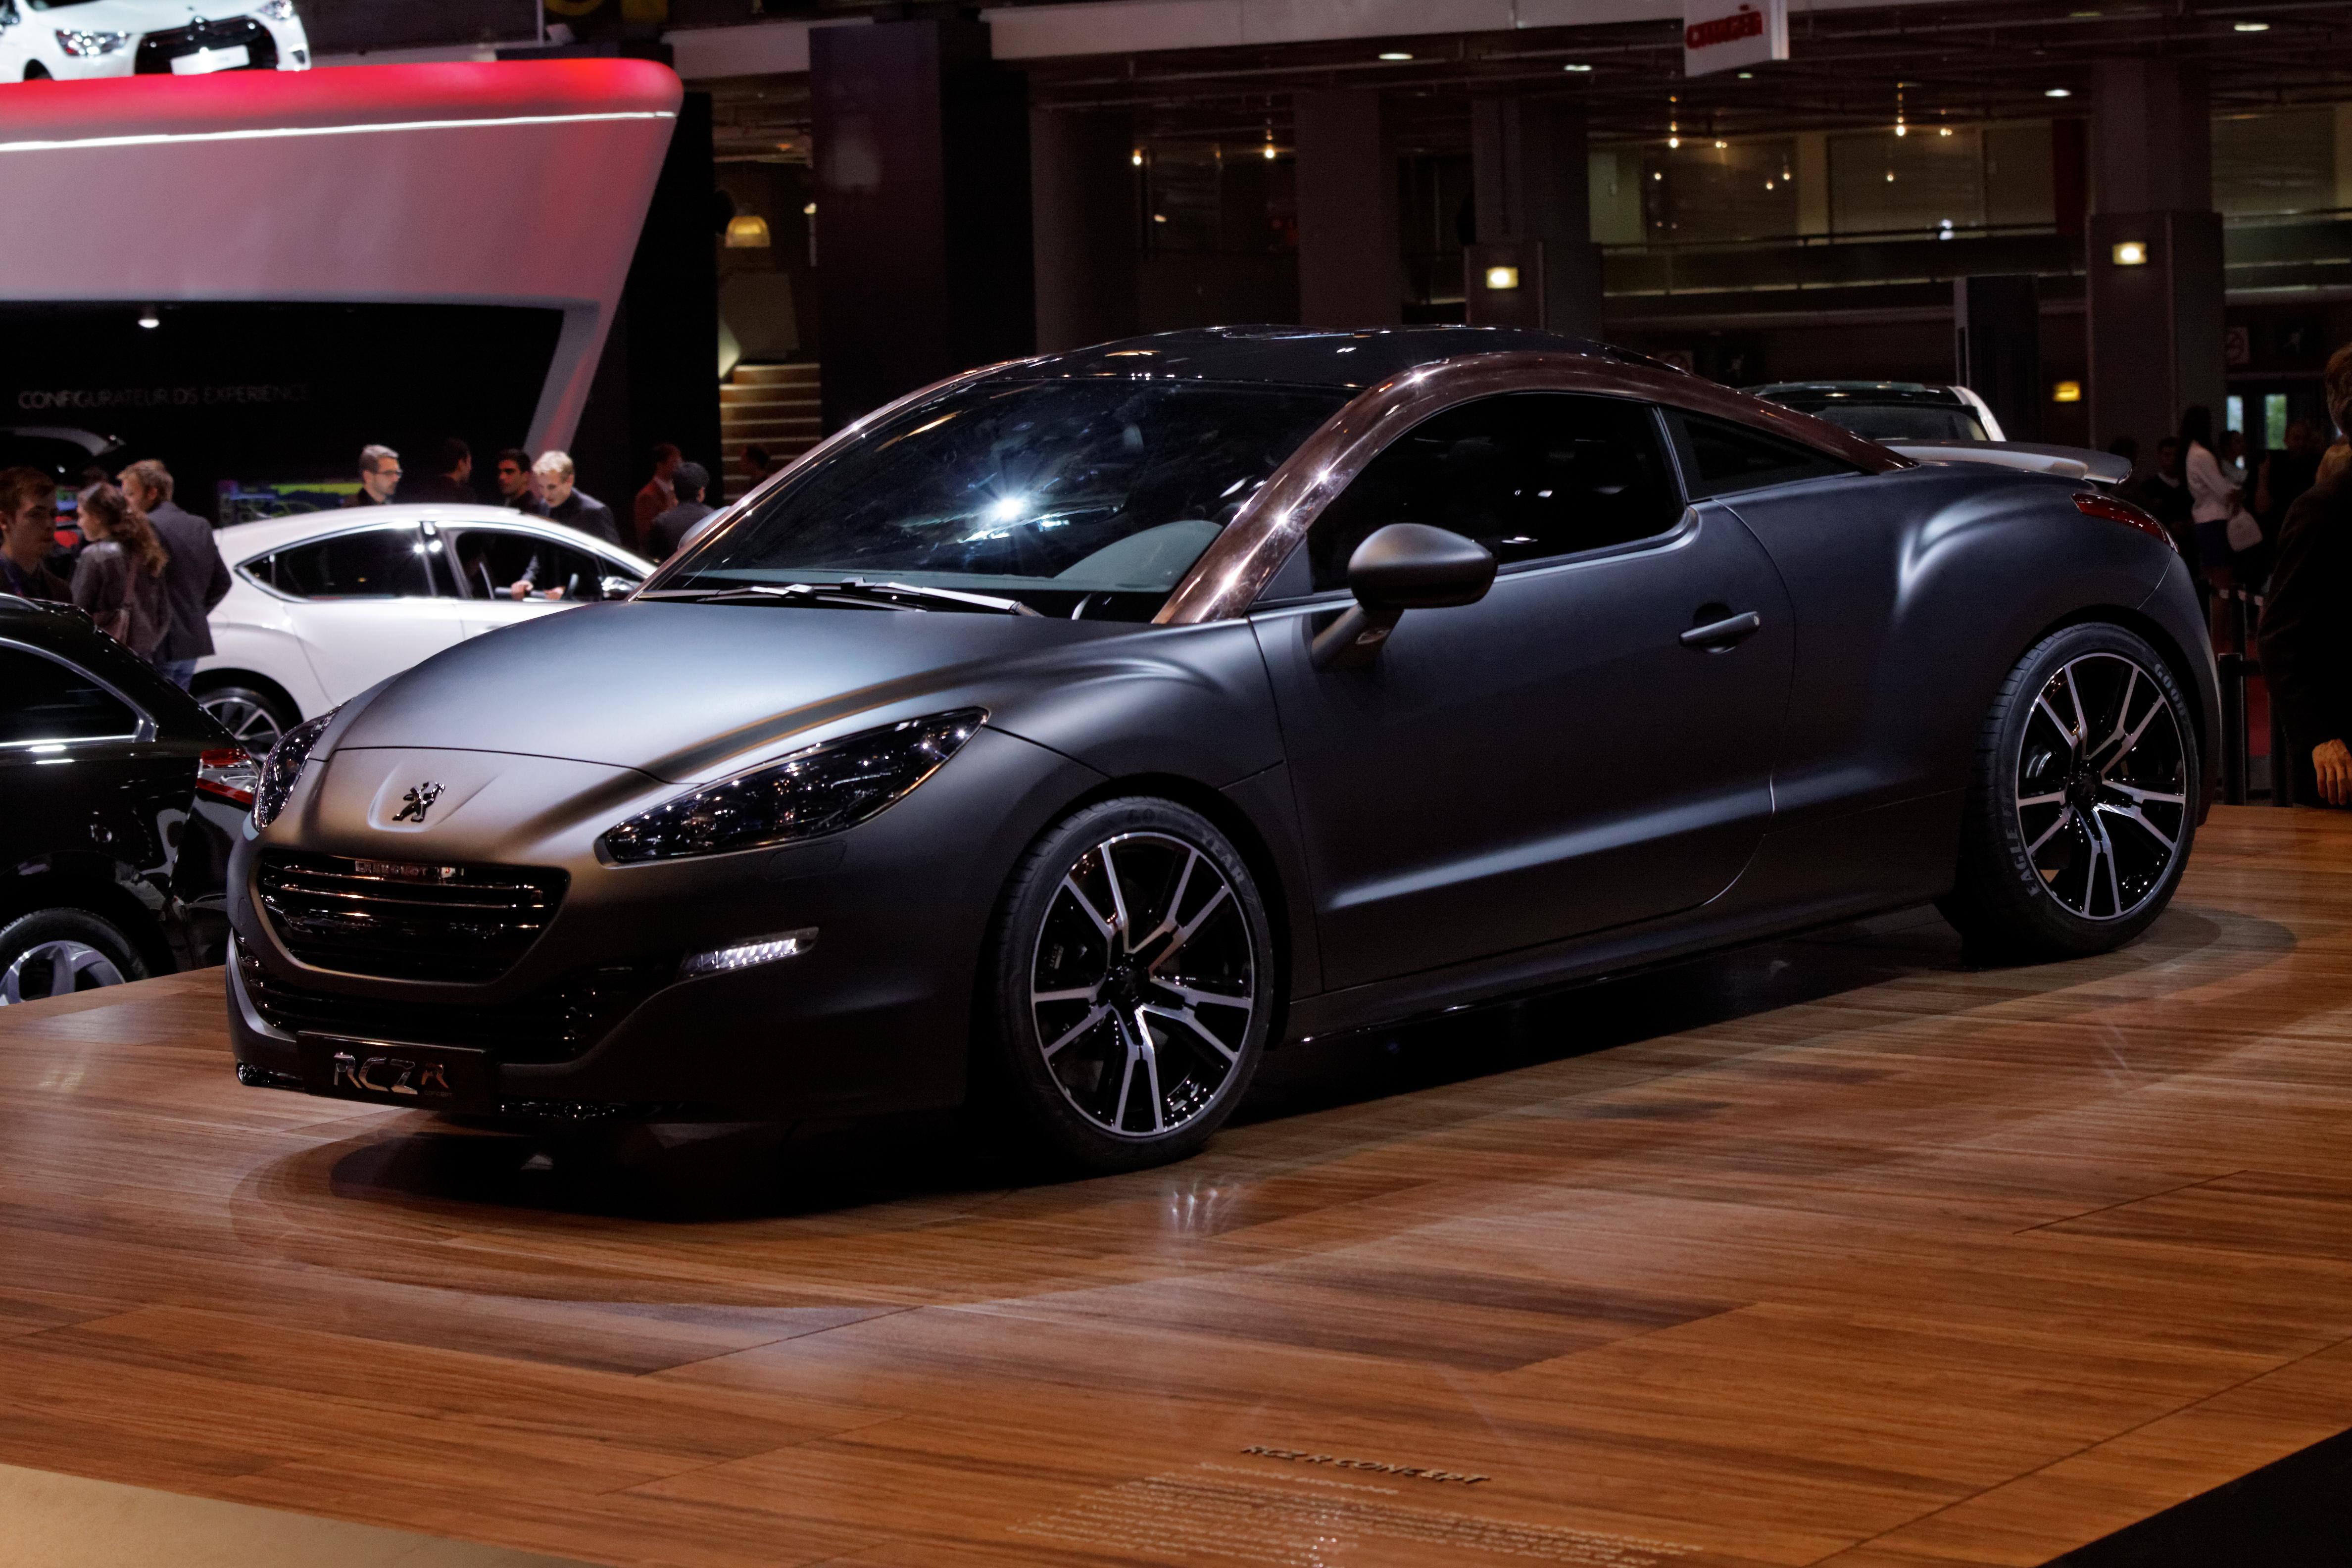 file:peugeot - rcz r - mondial de l'automobile de paris 2012 - 002